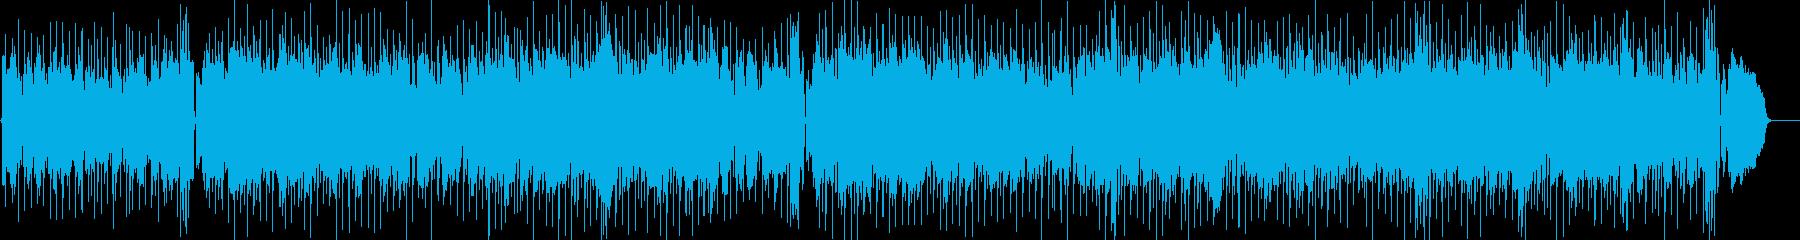 80年代ゲーム風 フュージョン・ポップの再生済みの波形